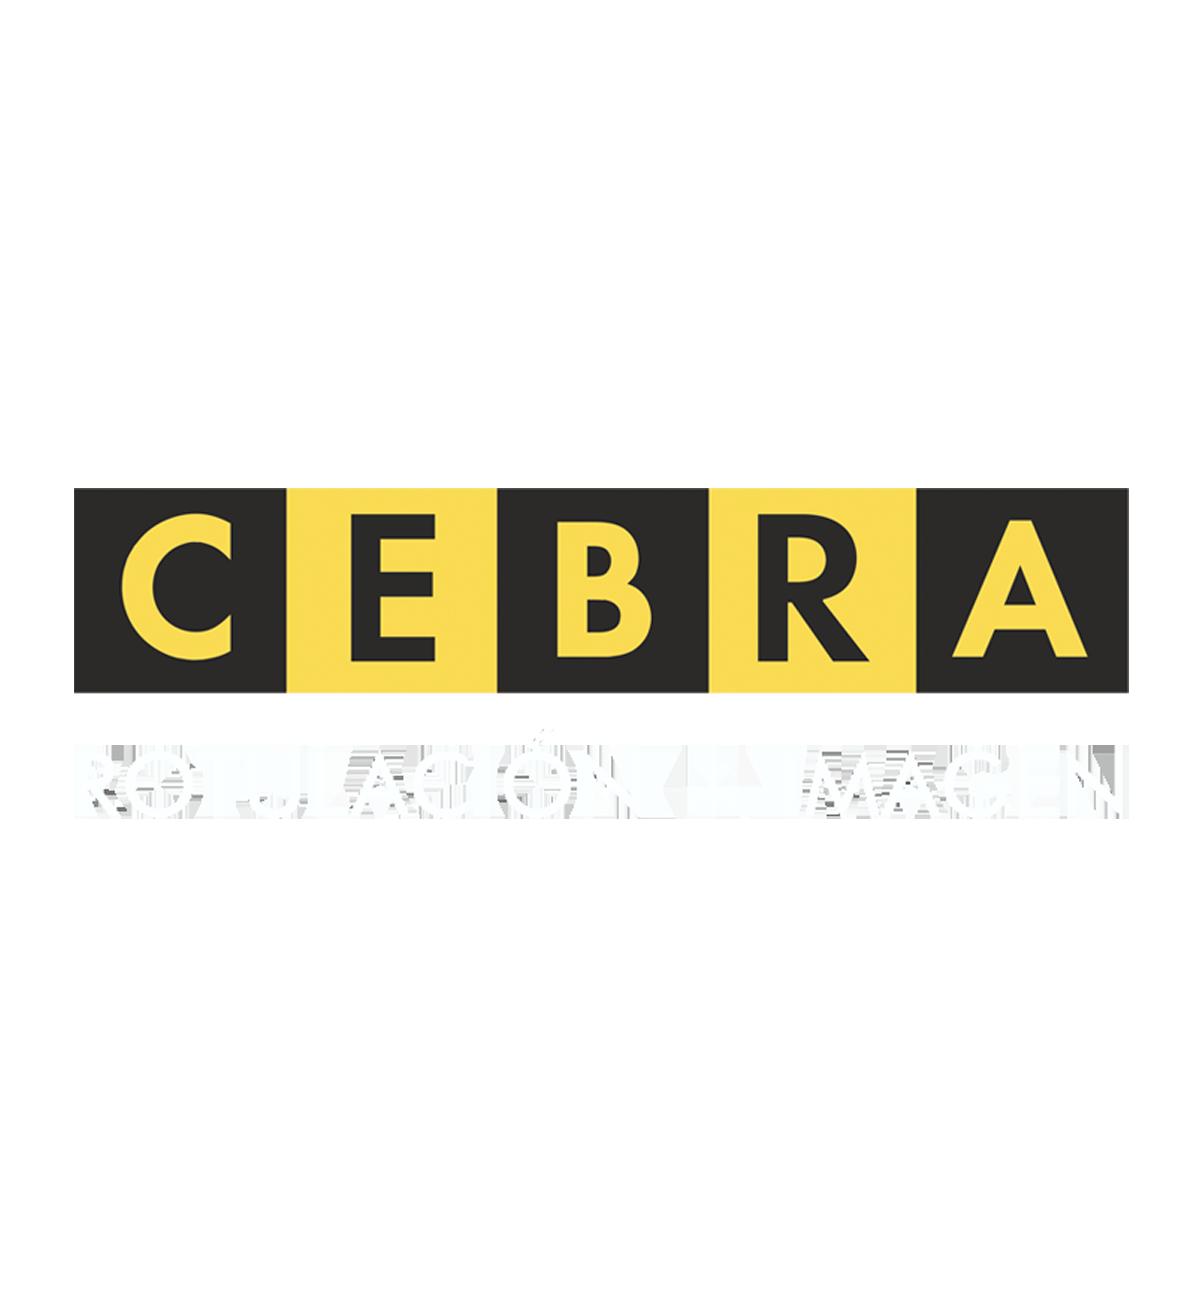 Cebra Express